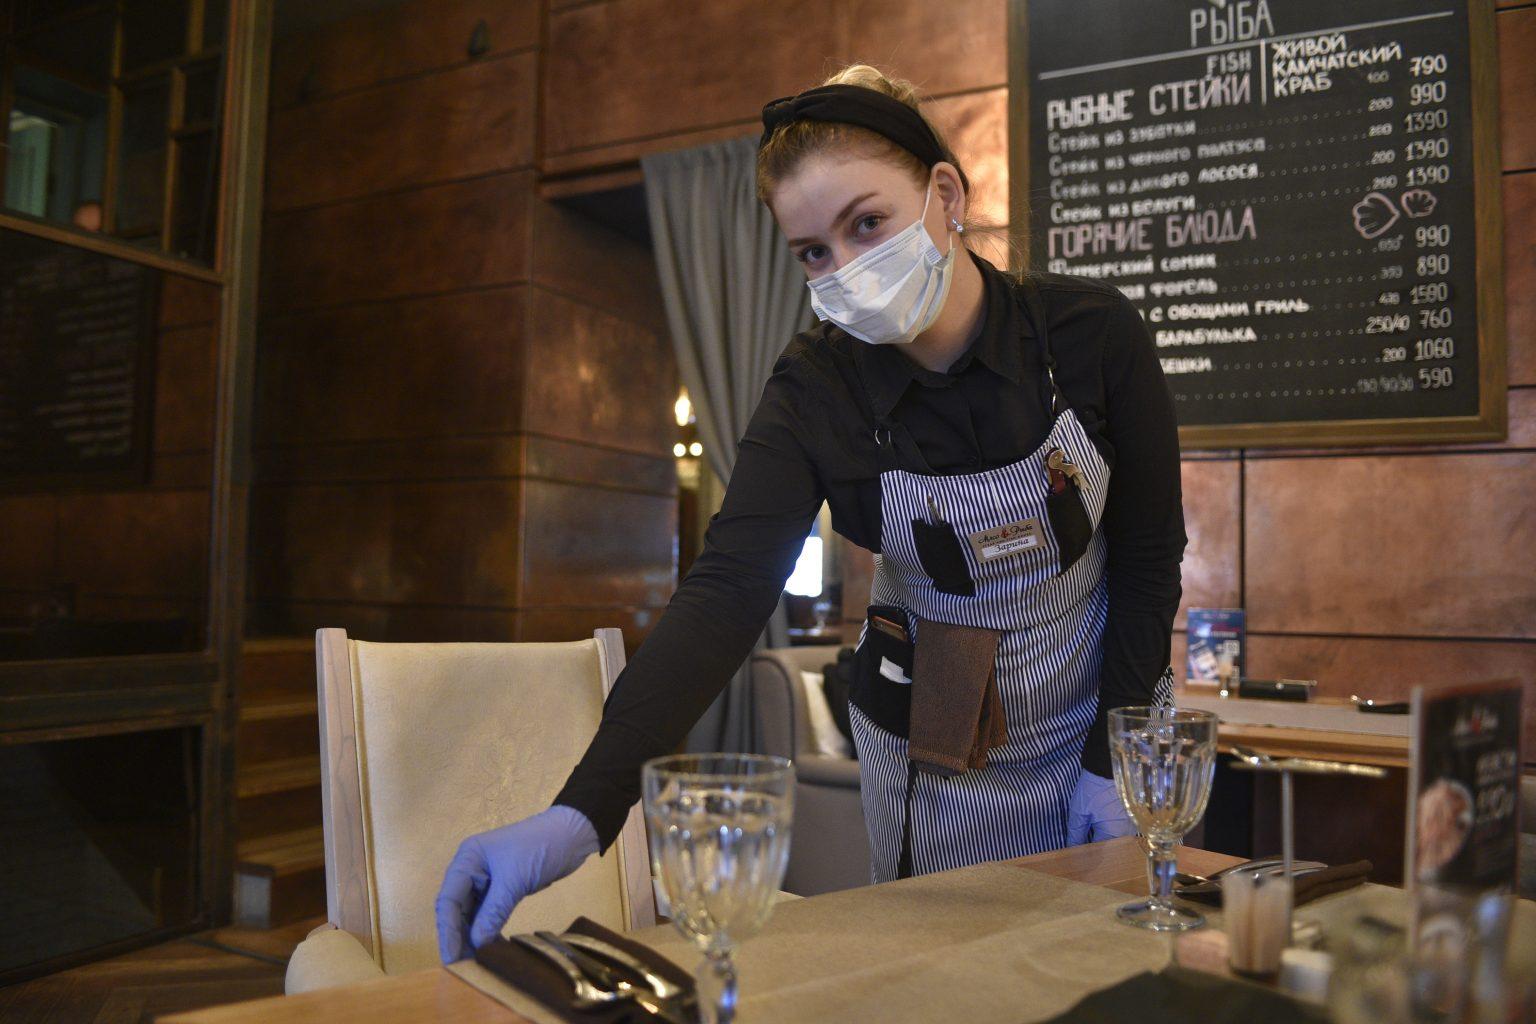 Рестораторы Москвы запускают акции после отмены QR-кодов